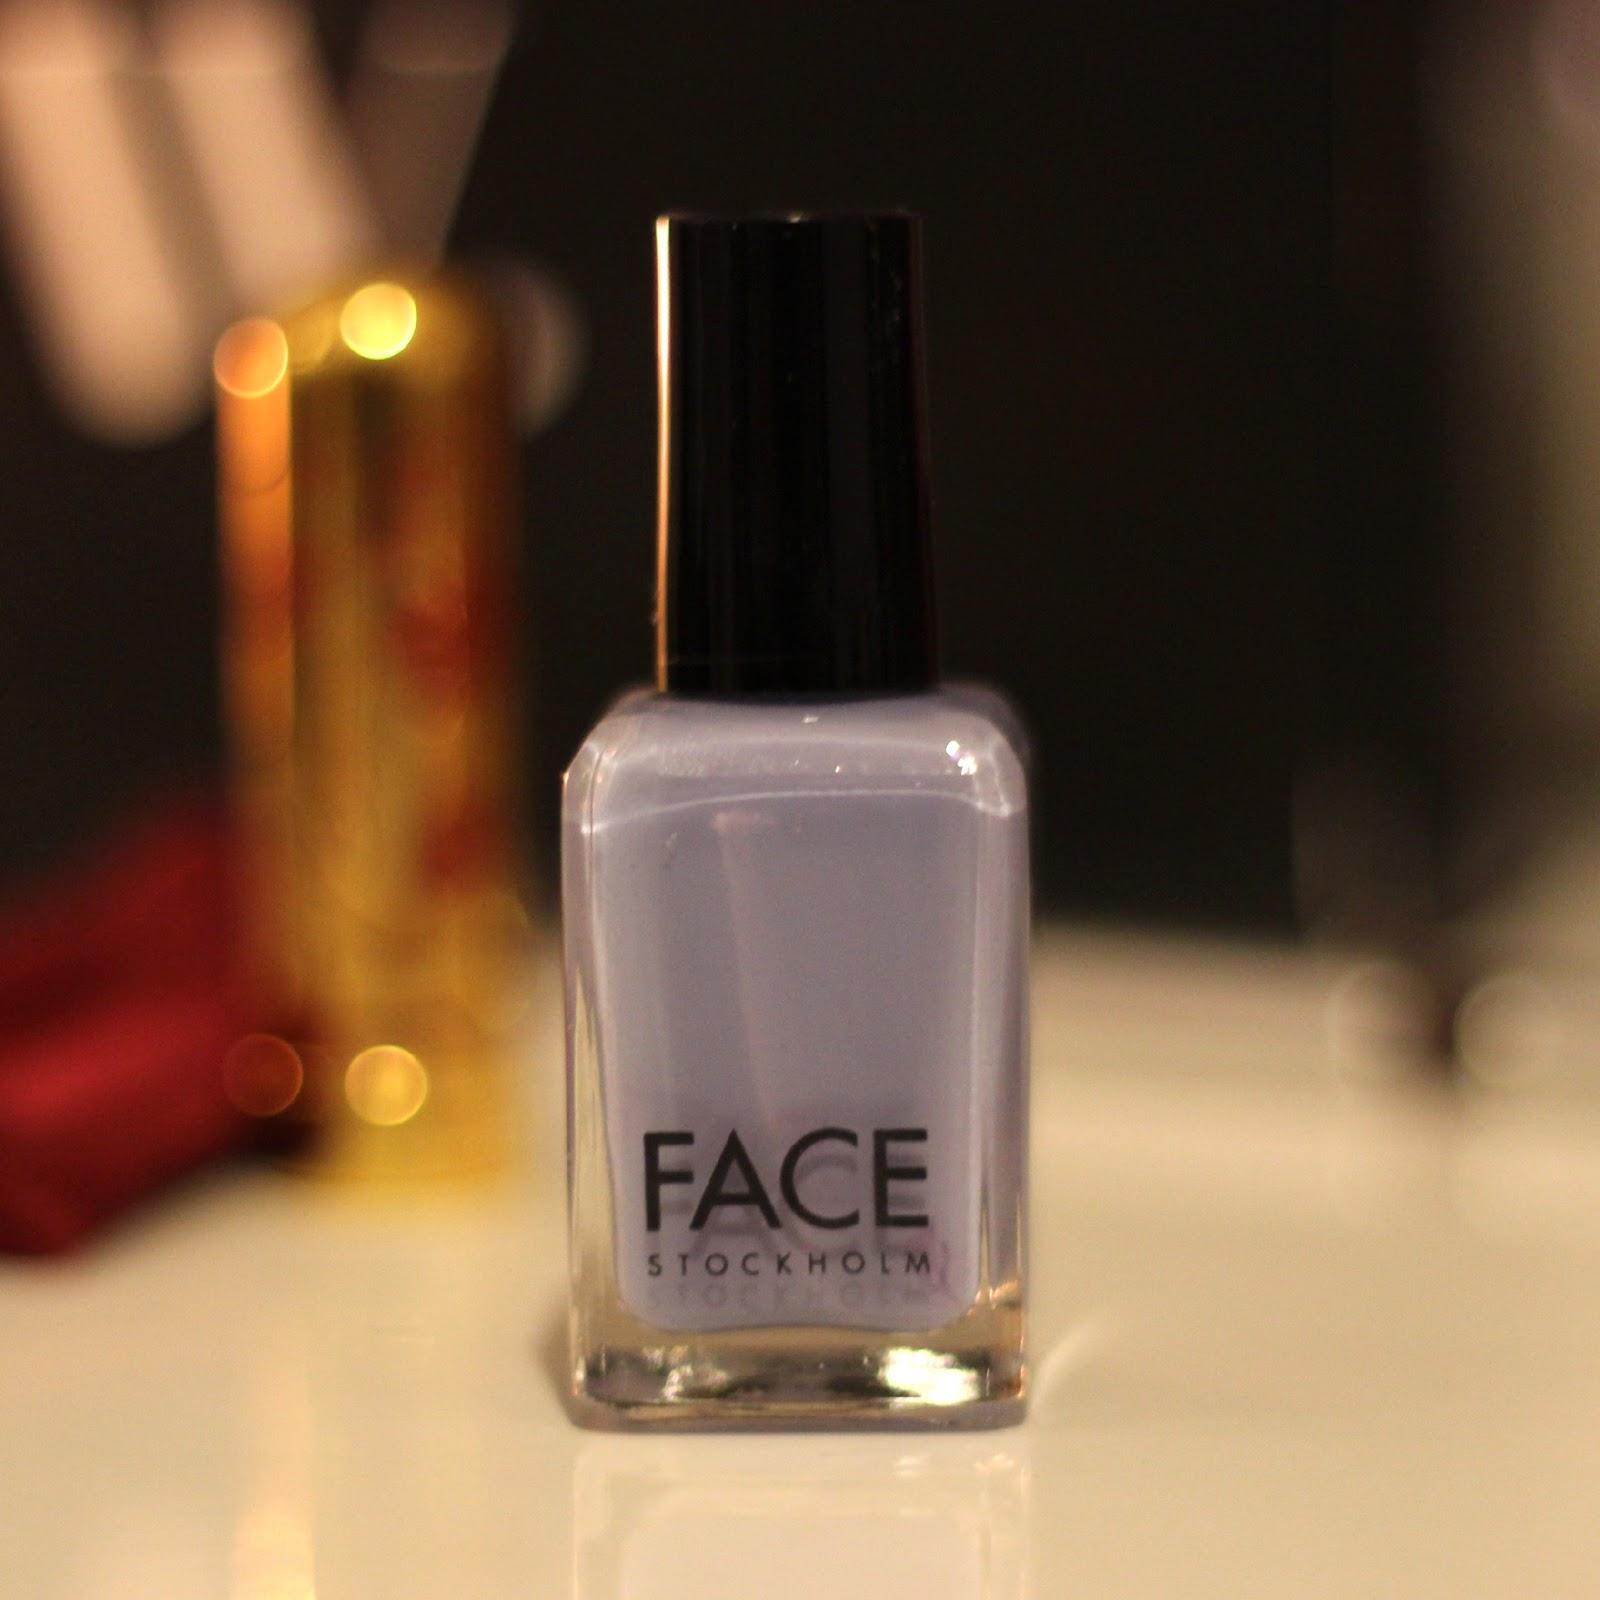 face stockholm nail polish